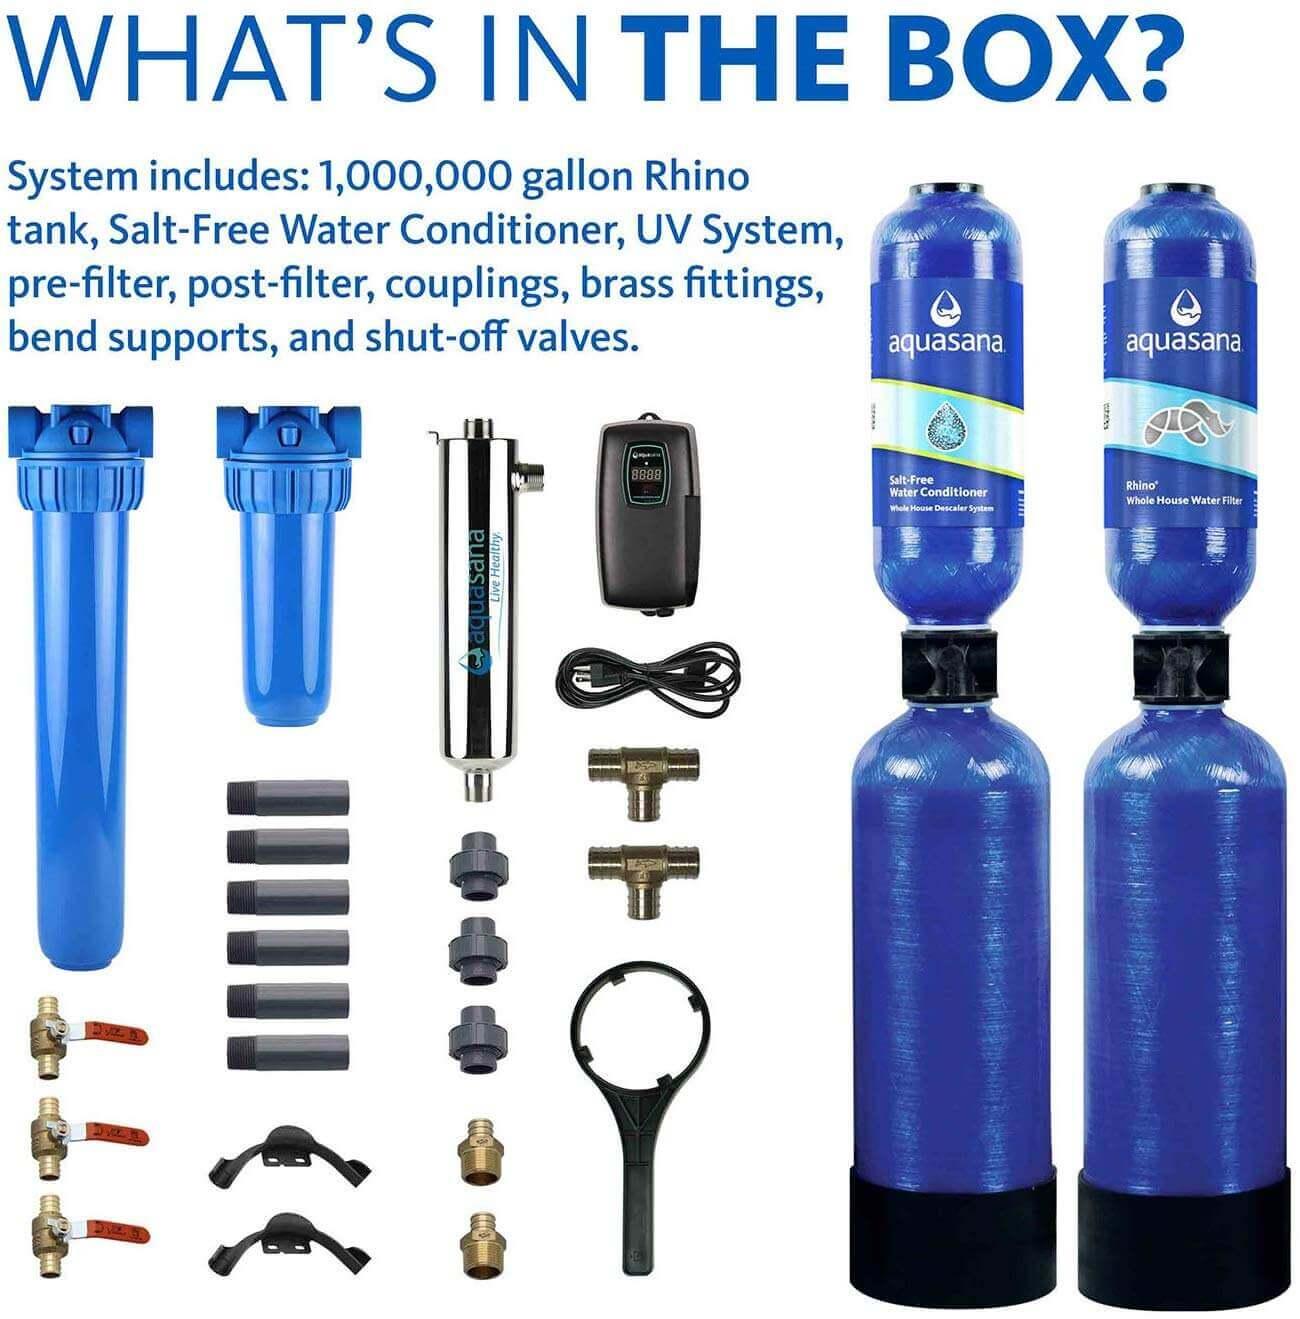 Aquasana Filter box